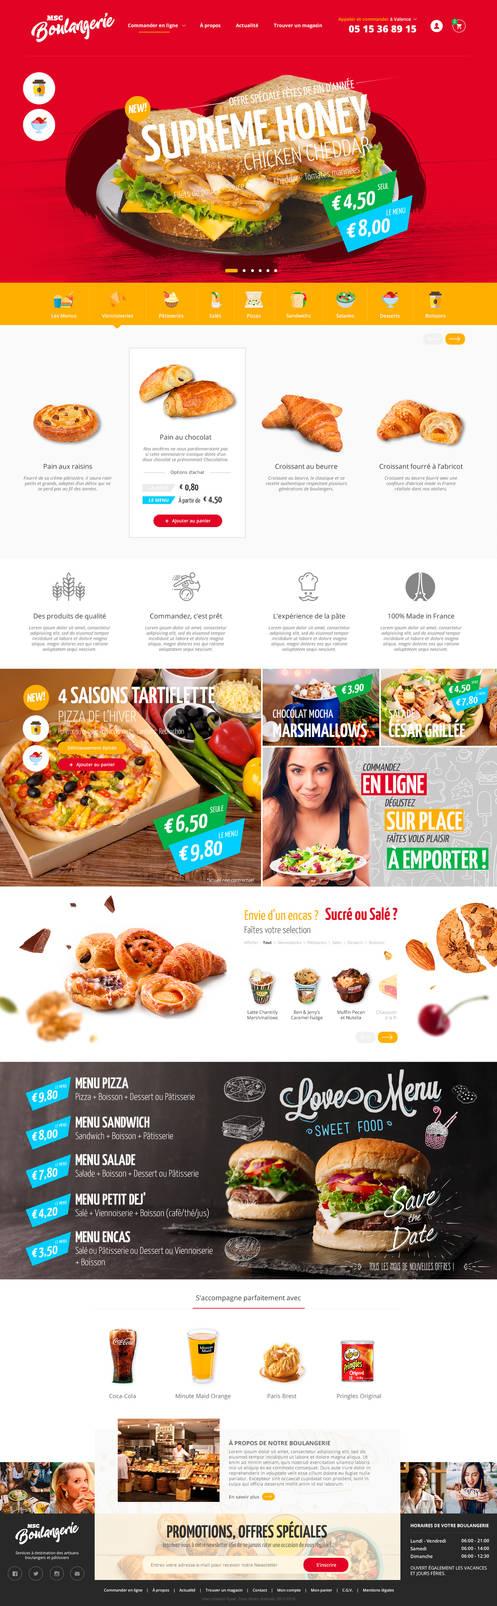 Bakery and Fast Food Online platform V1 by ShinDatenshi